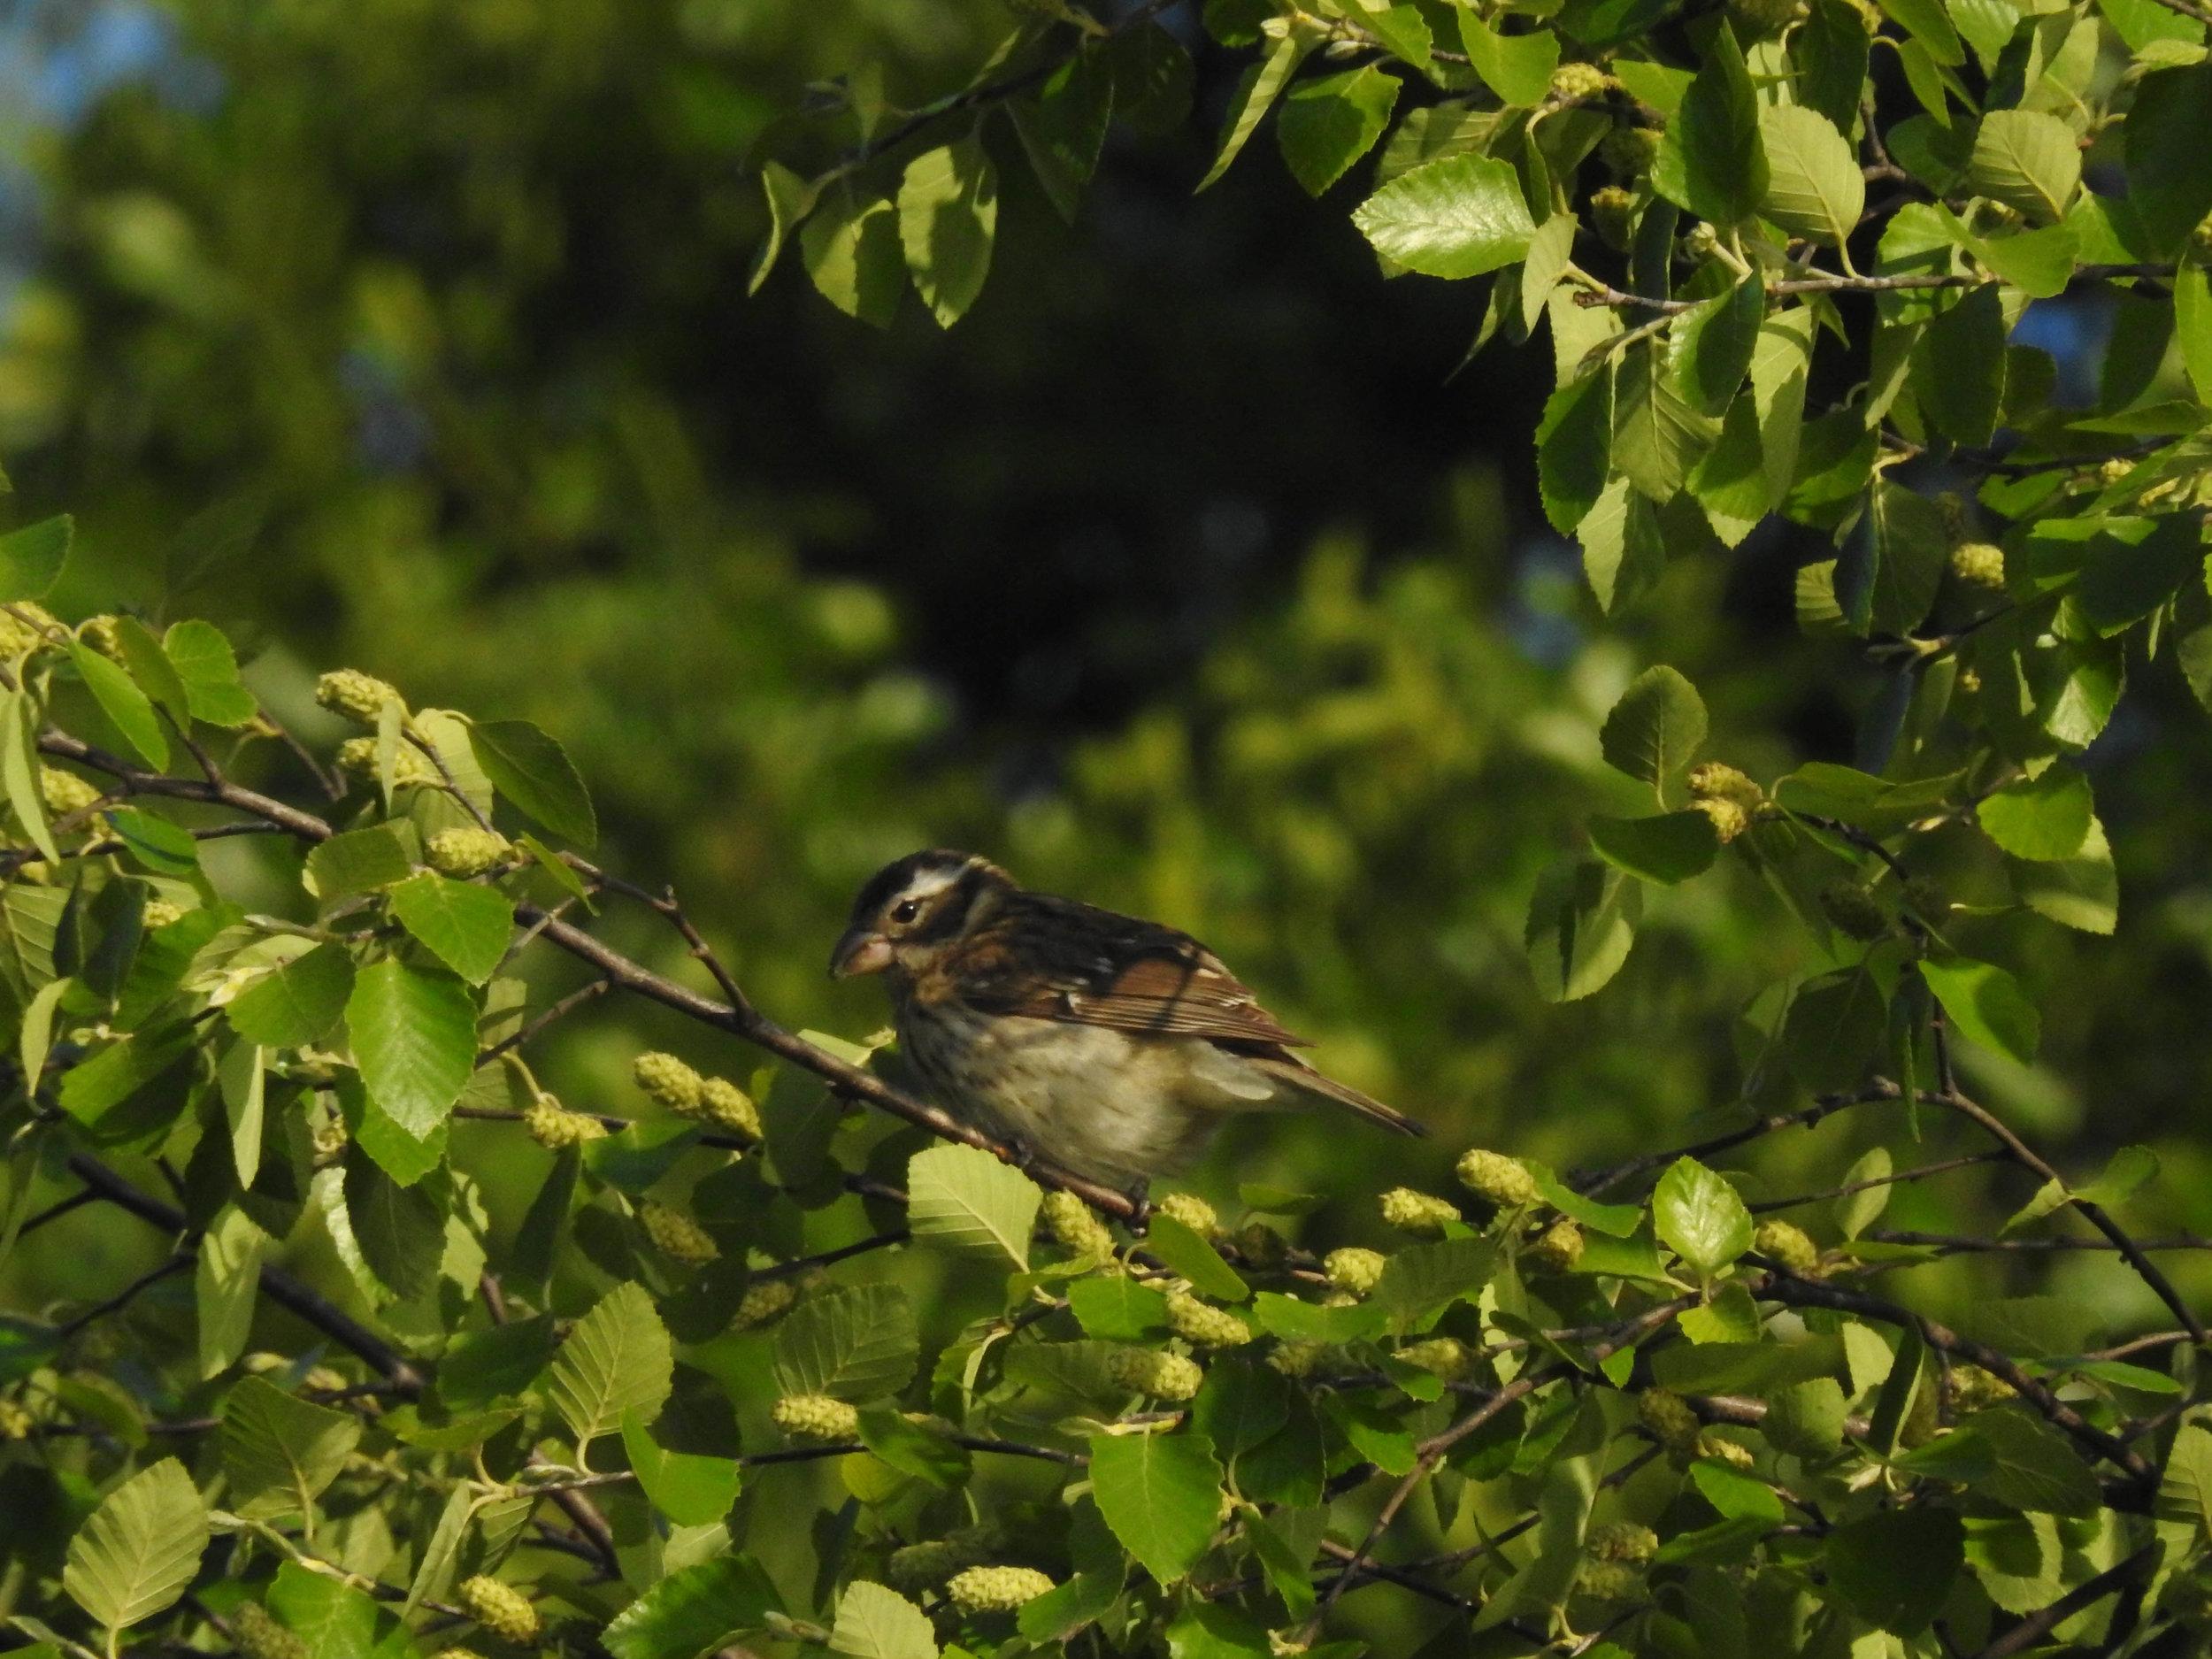 Rose-breasted Grosbeak, female